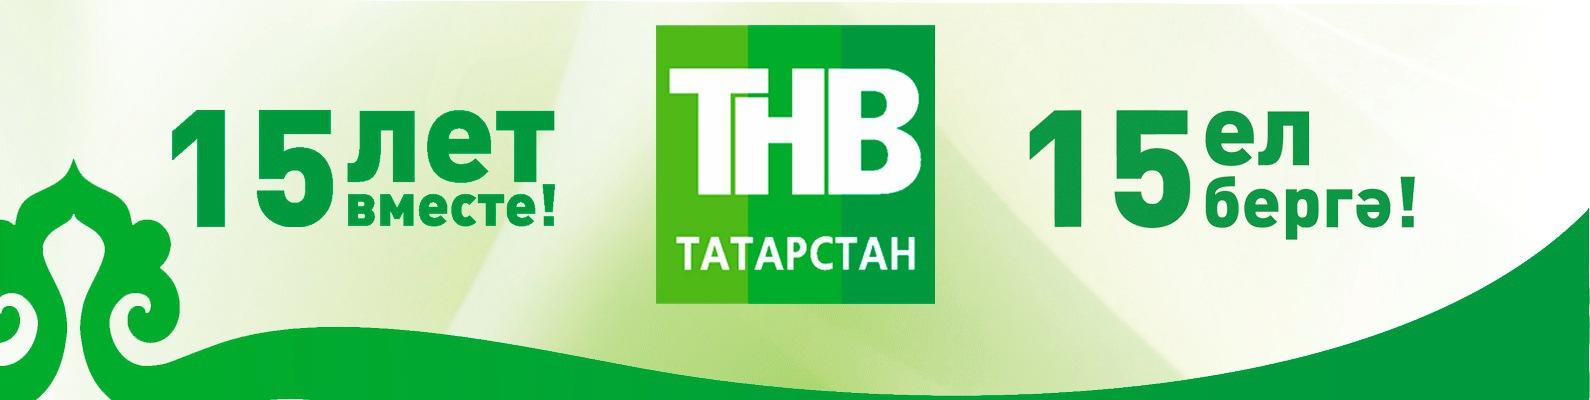 Программа передач на тнв